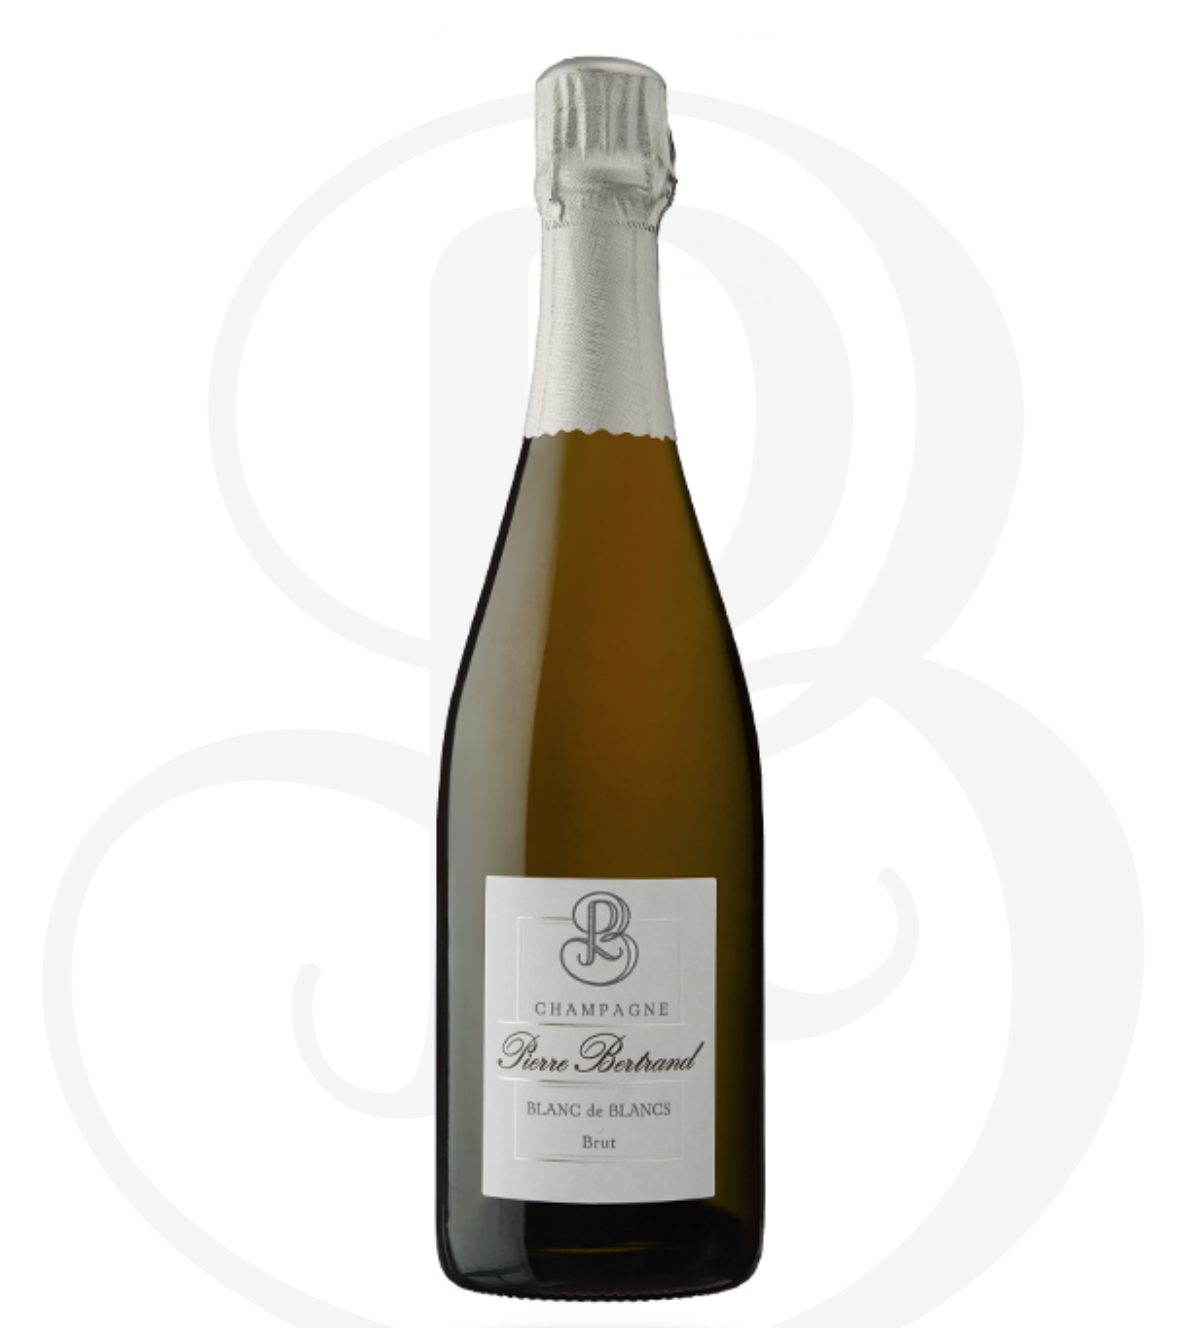 Champagne Pierre Bertand - Brut Blanc de Blancs